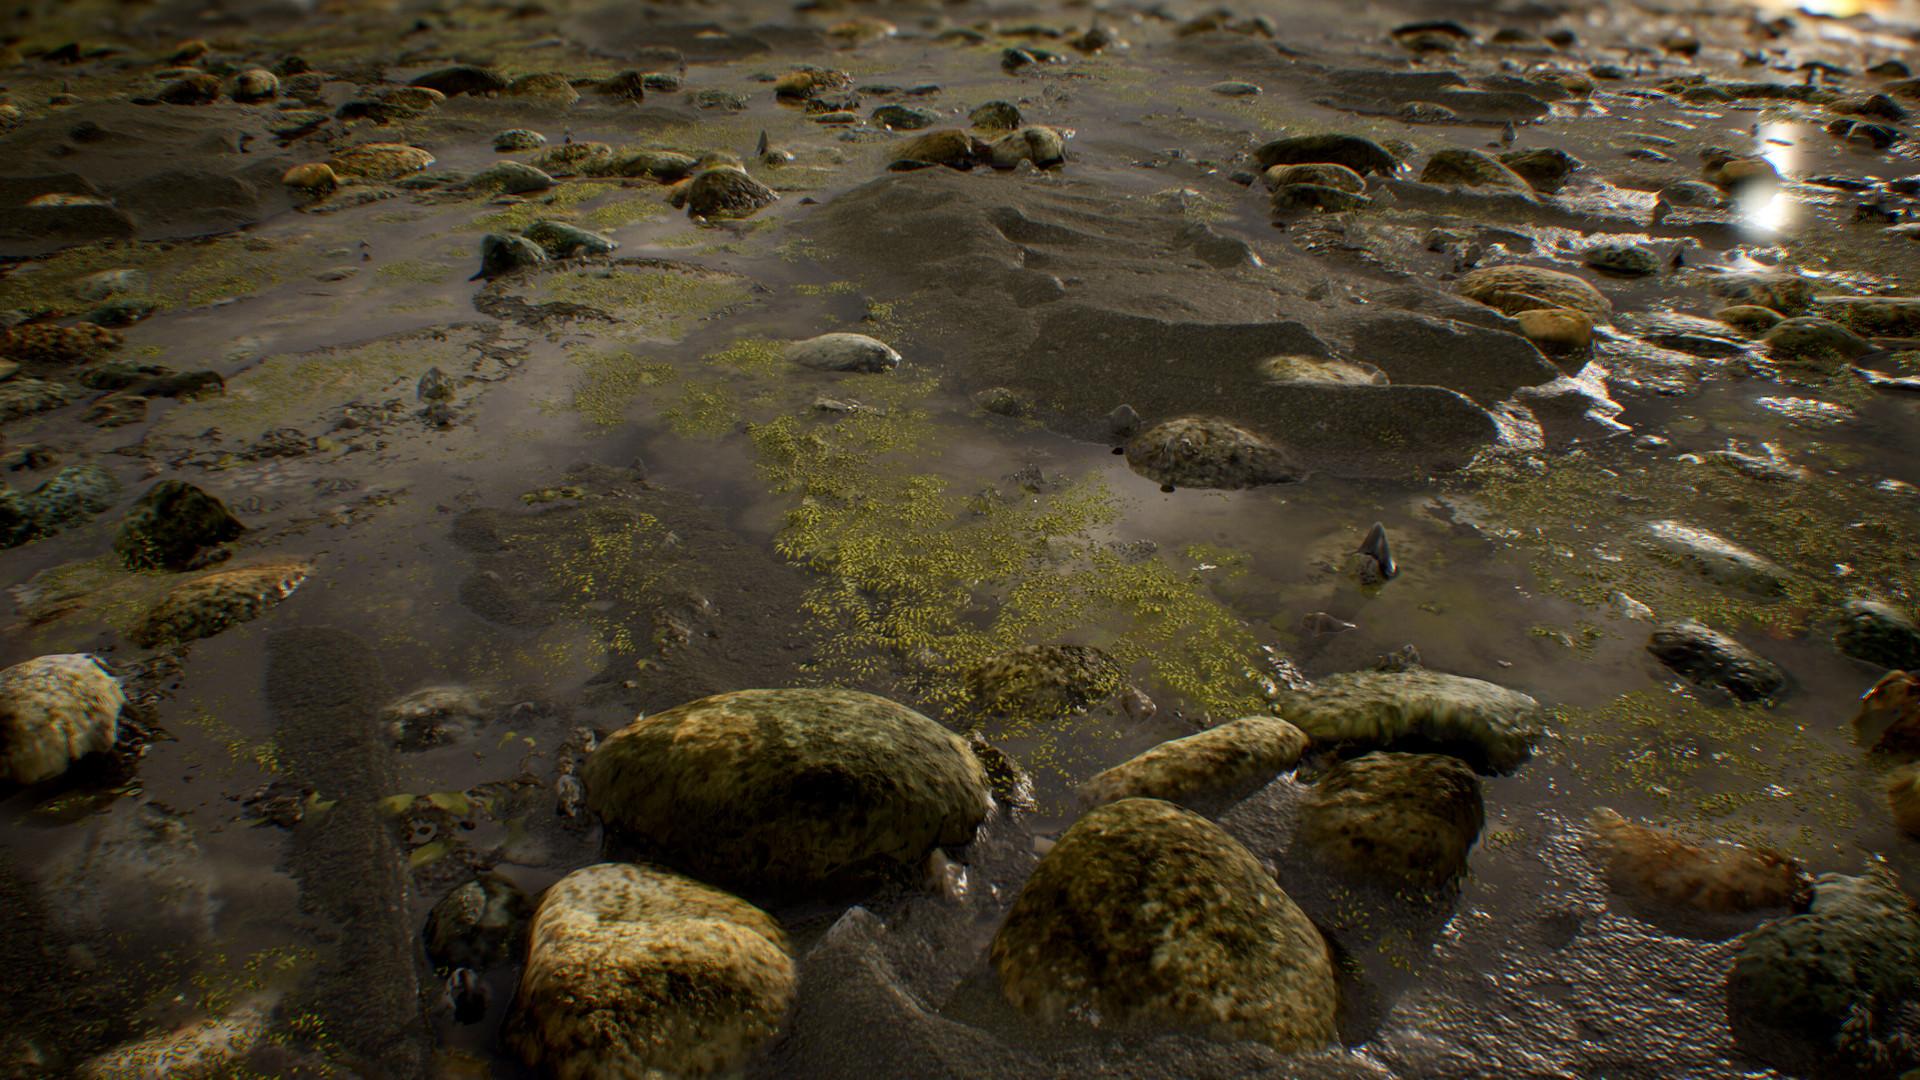 Hugh trombley riverbed scene